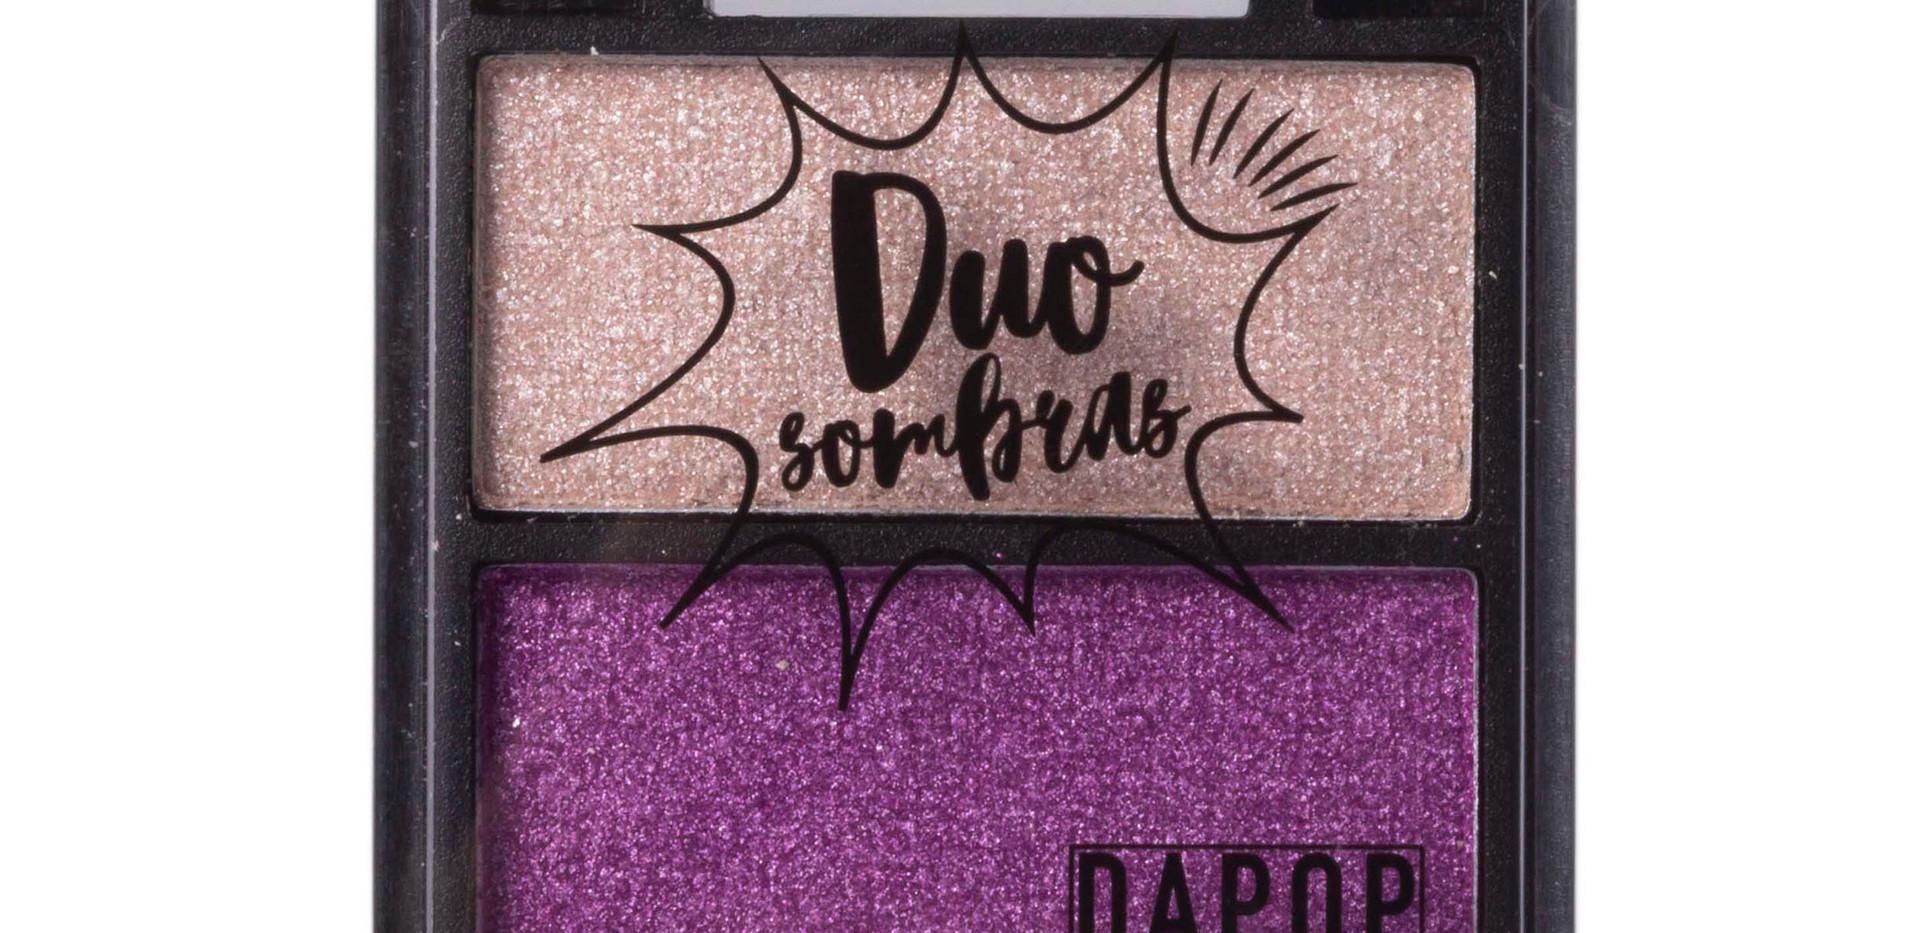 Duo de Sombras Dapop - HB96629